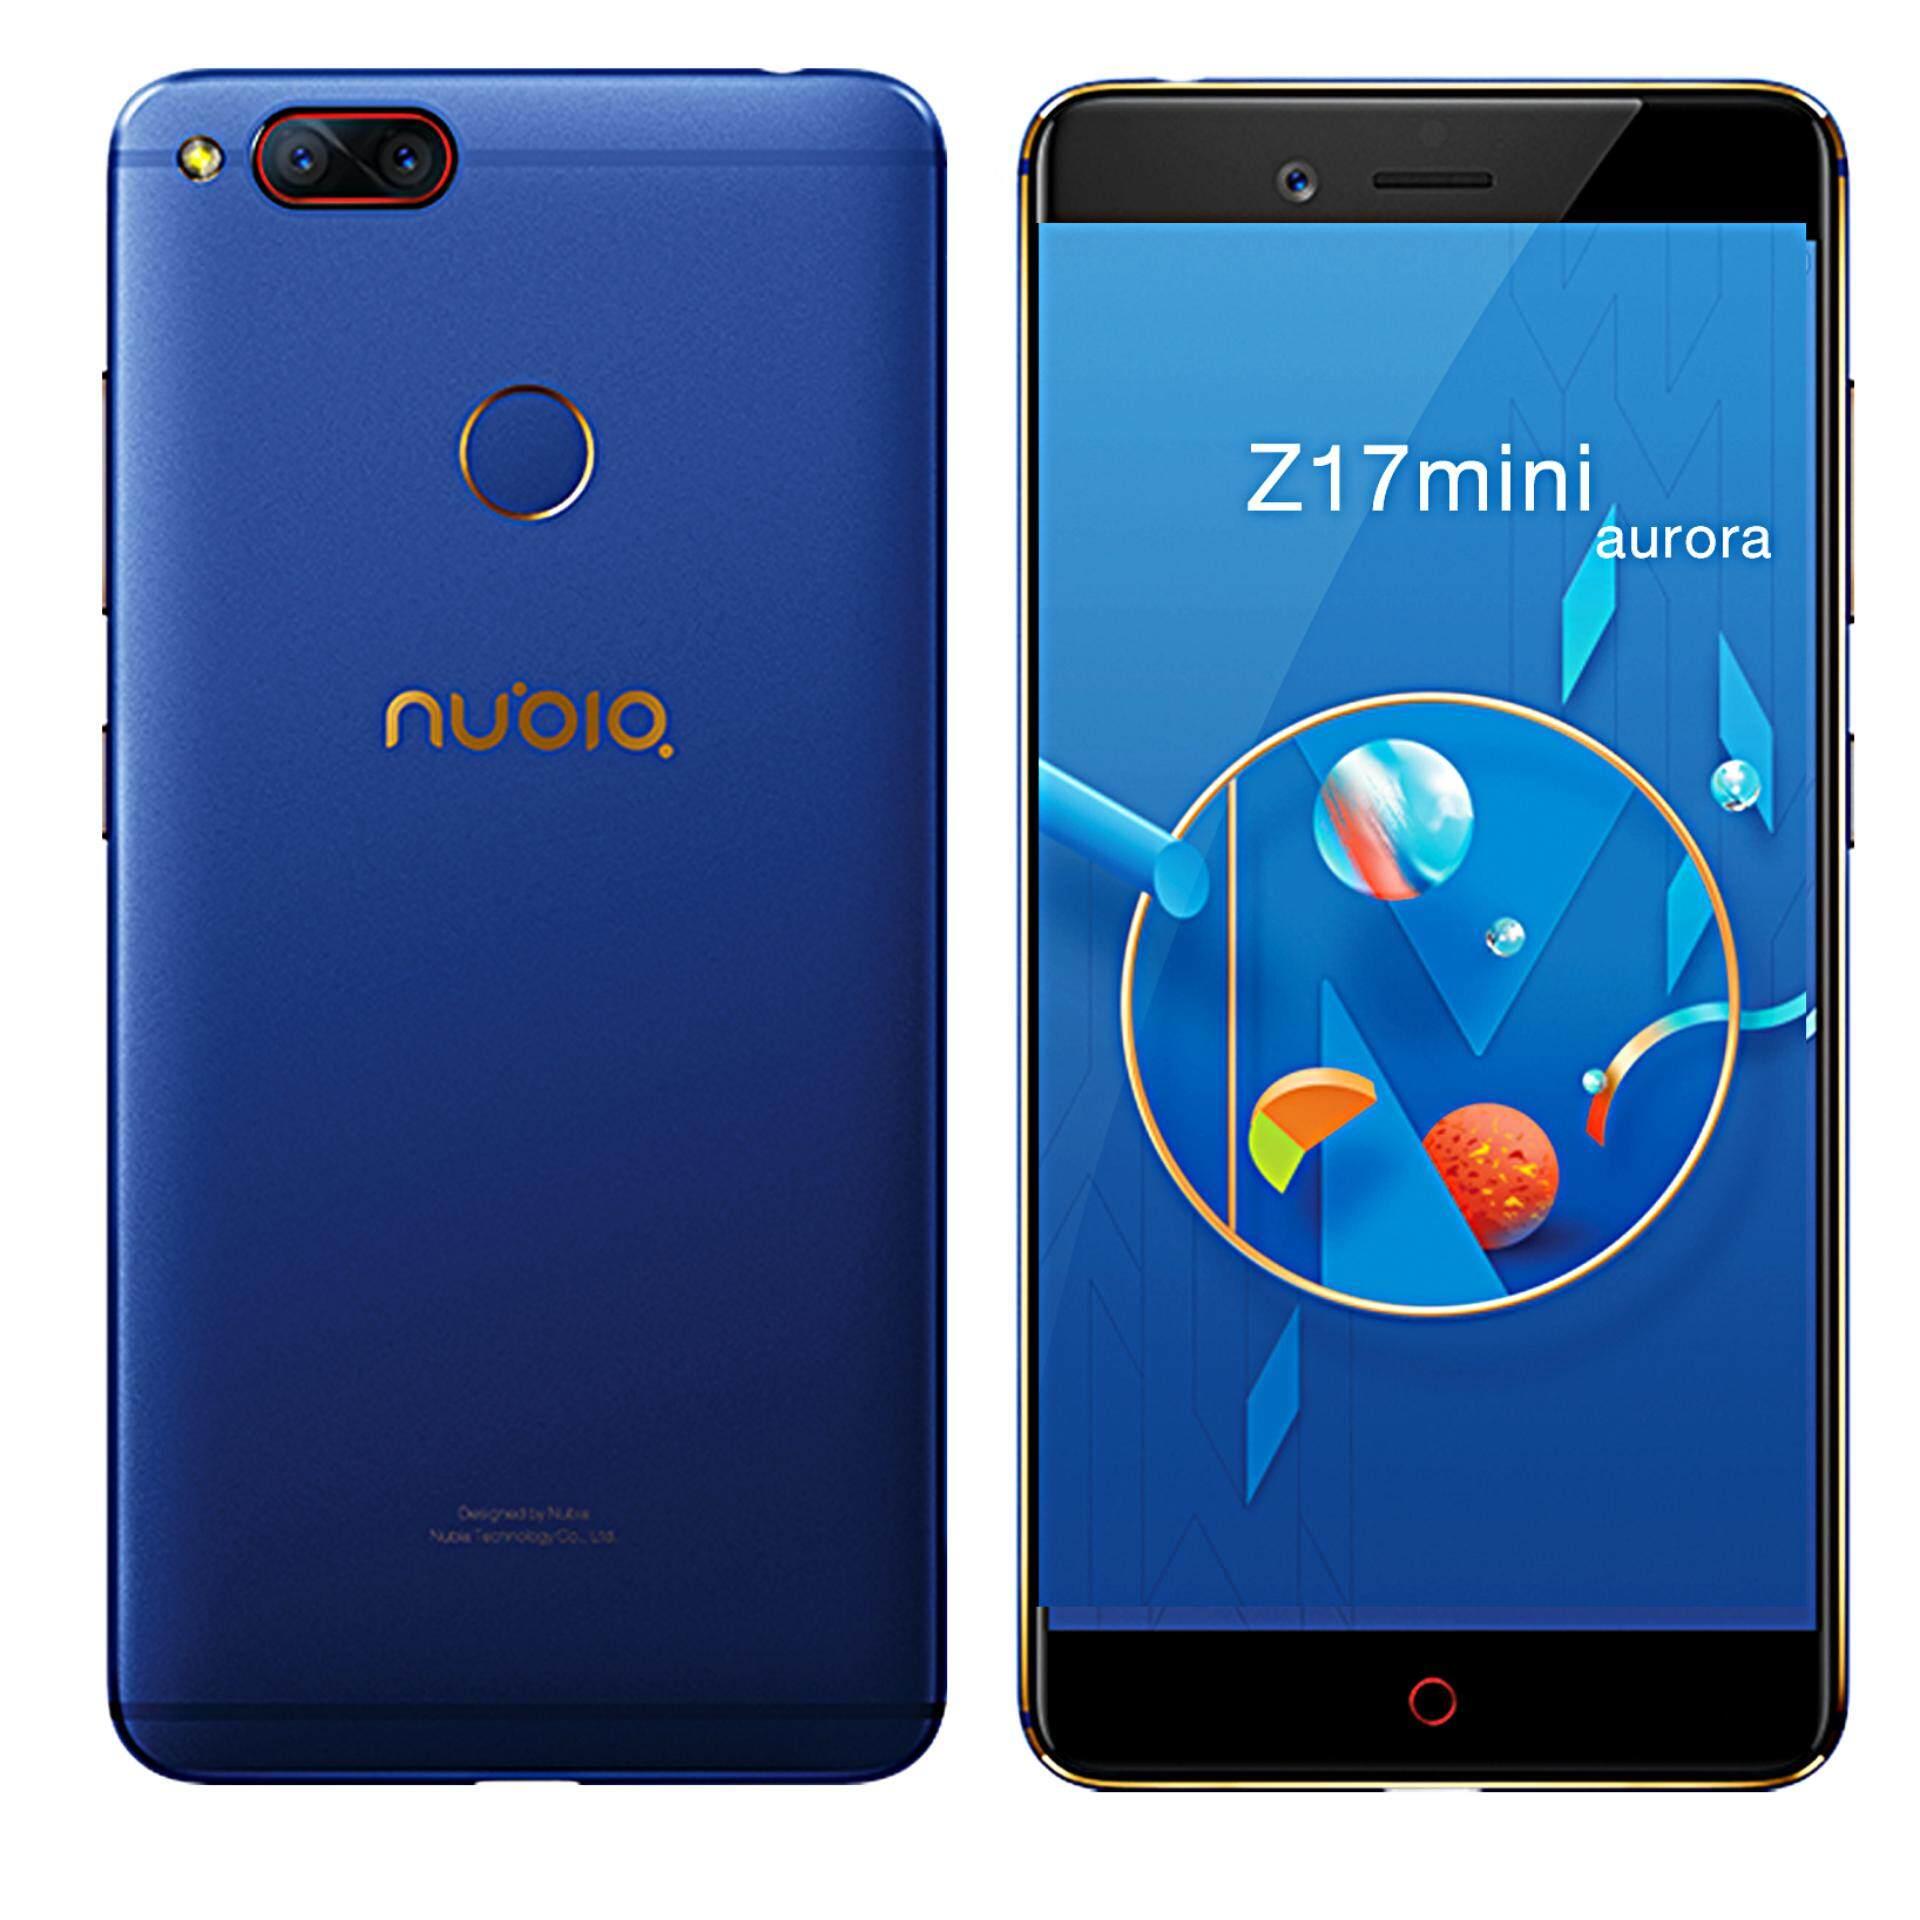 นูเบีย Z17mini สีนำ้เงิน | สเปคแรงแรม 6GB | รุ่นแนะนำ สุดคุ้ม **ผ่อนเดือนละ 899บาท